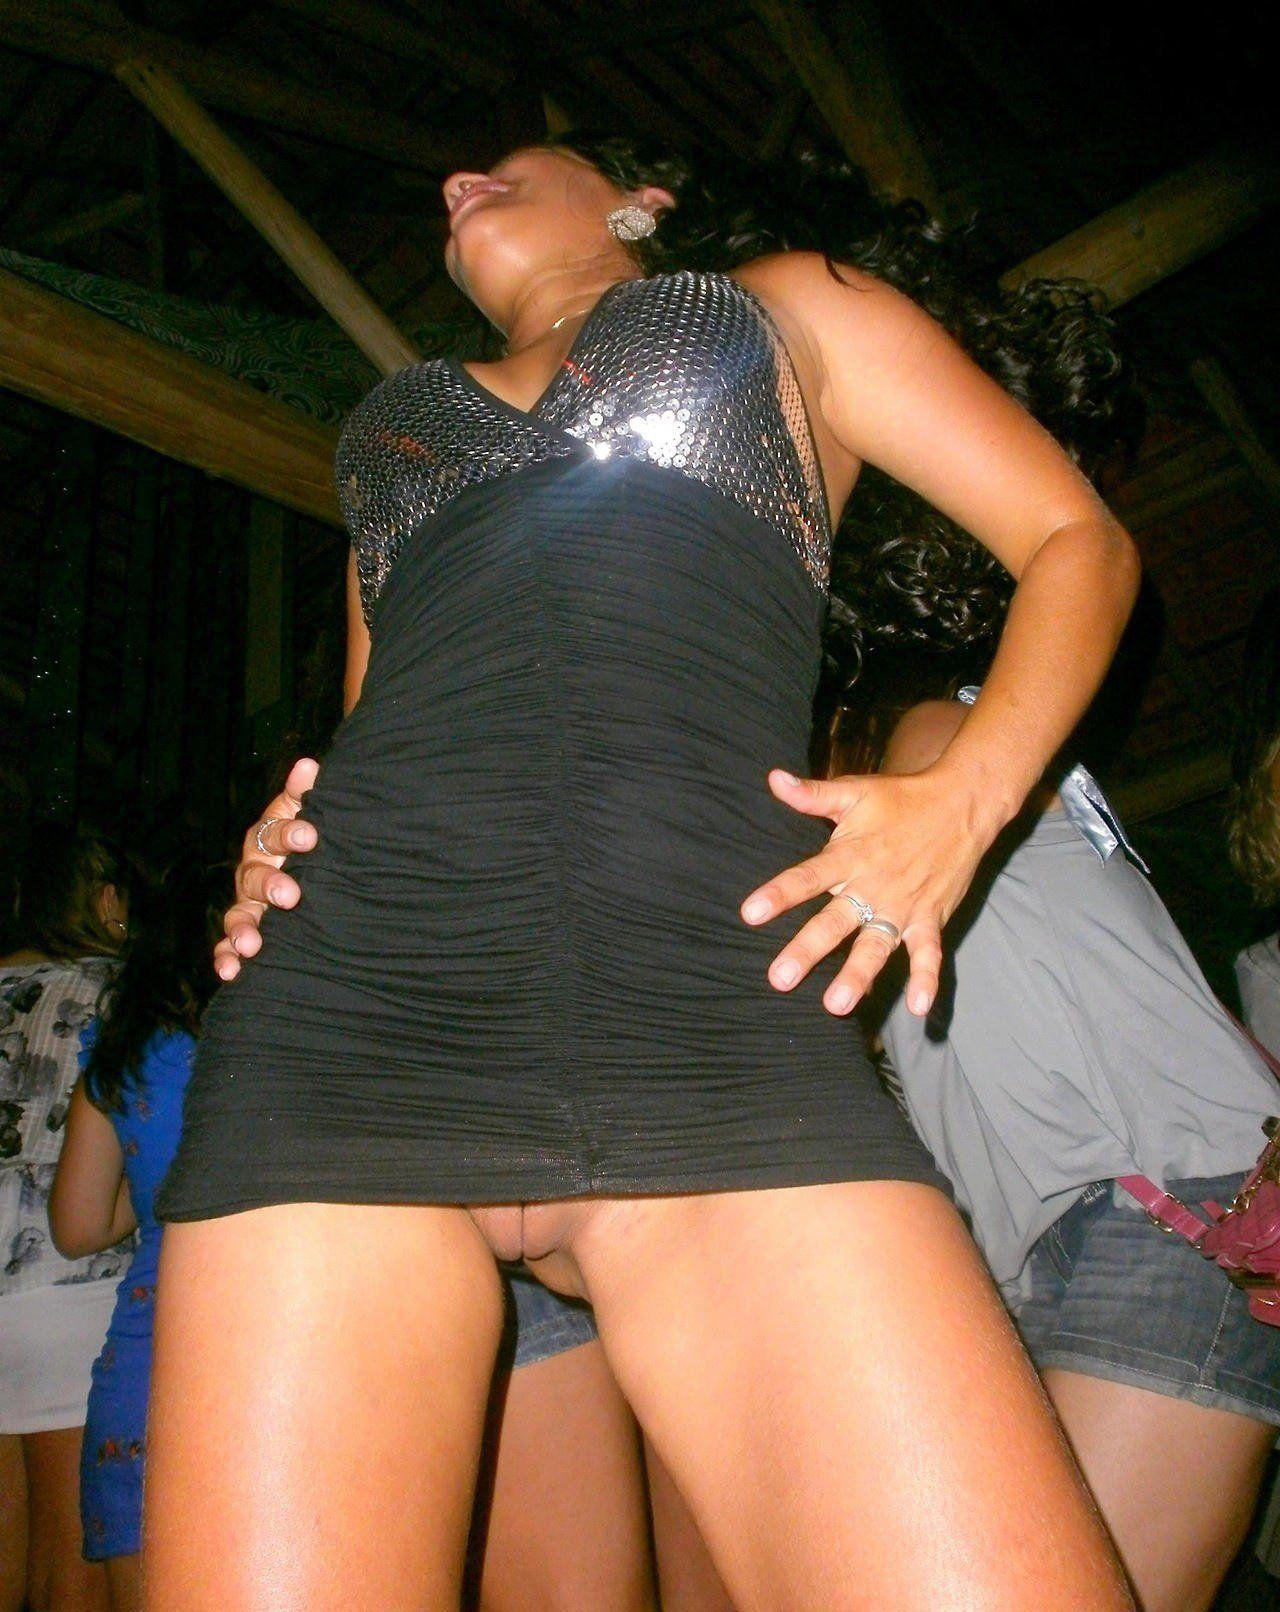 help joke van woesik erotic suggest you come